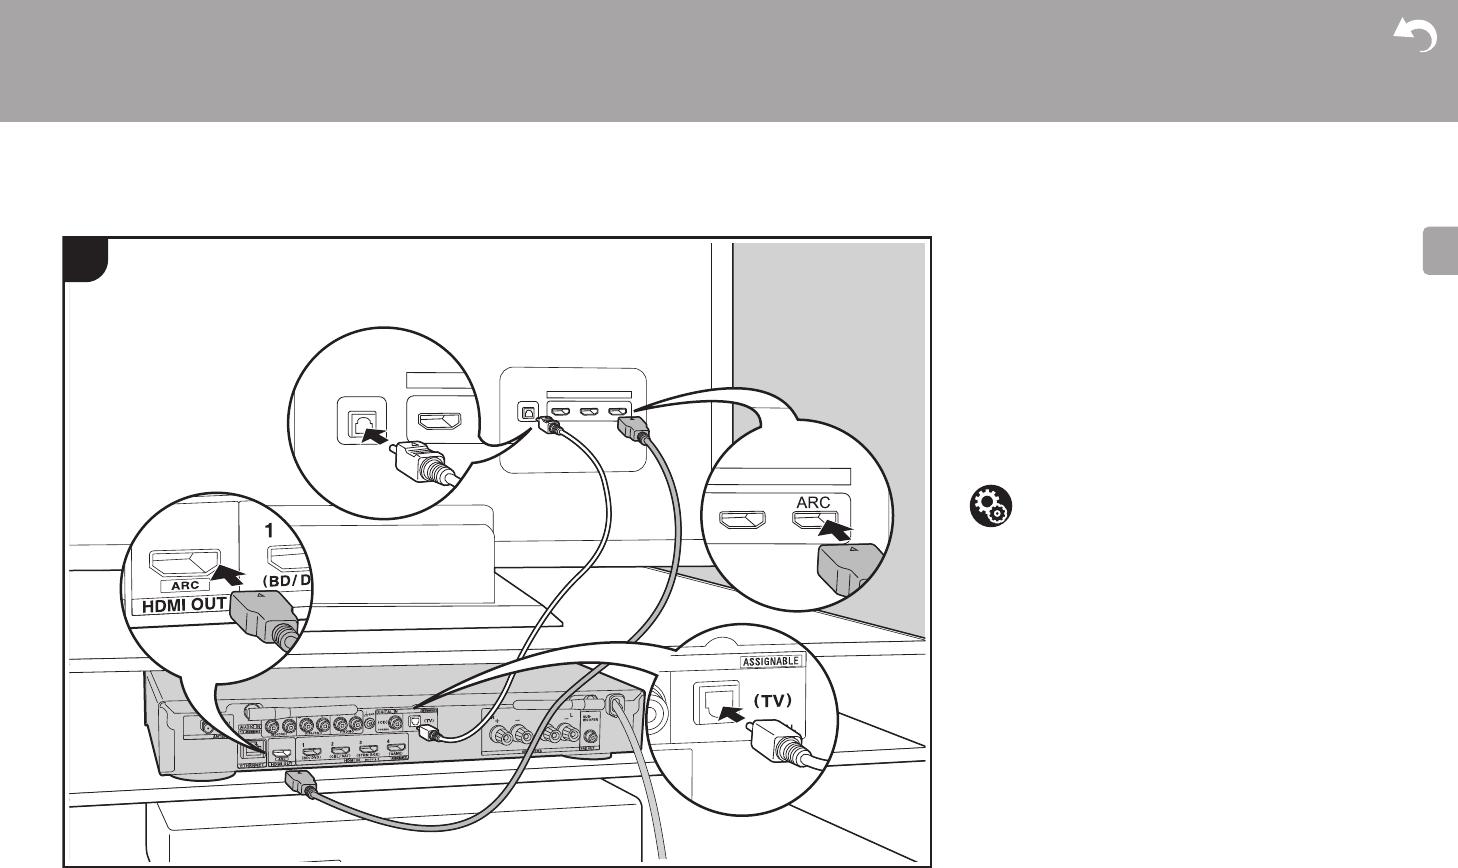 Bedienungsanleitung Onkyo Tx L20d Seite 224 Von 379 Deutsch Texas Gg Wiring Diagram 8